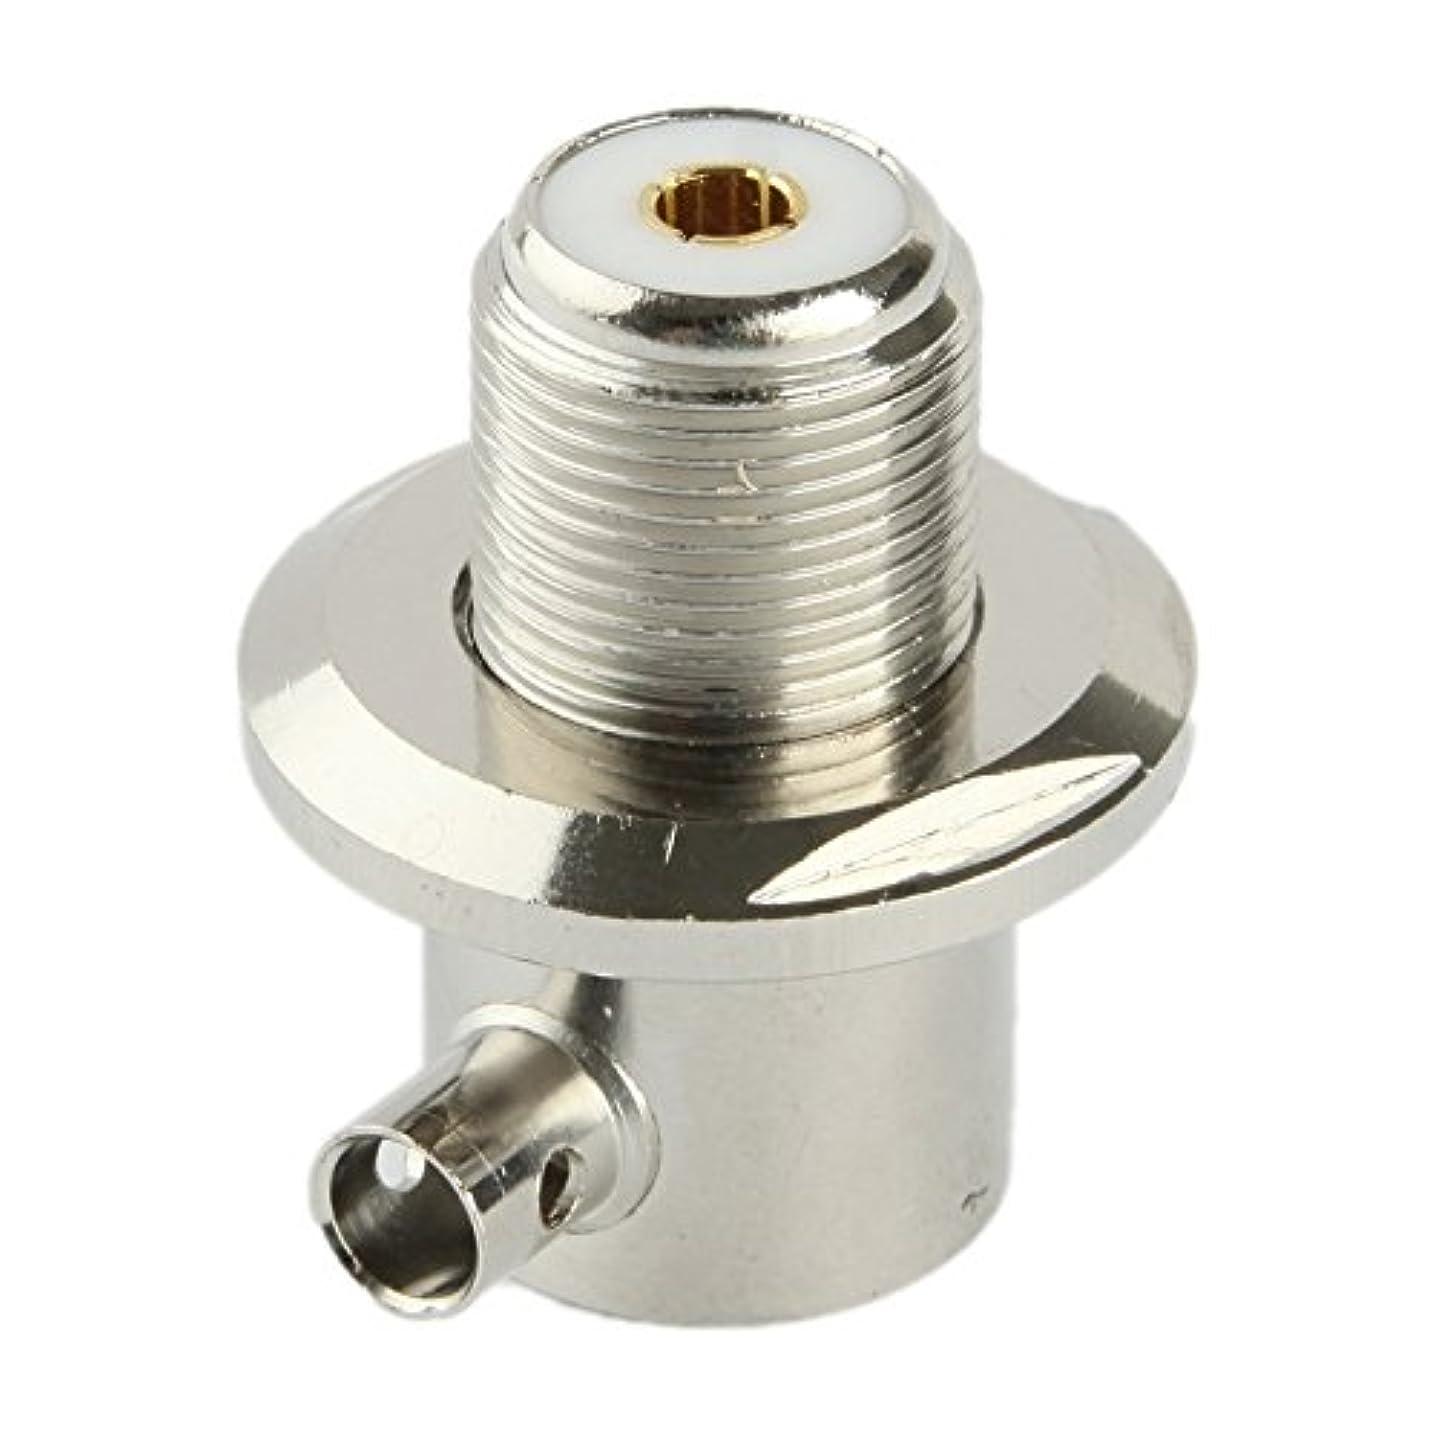 銅なので排除するコンピュータアクセサリー UHFメスエルボーアダプター接続RG58ケーブル Wifiスペアパーツ